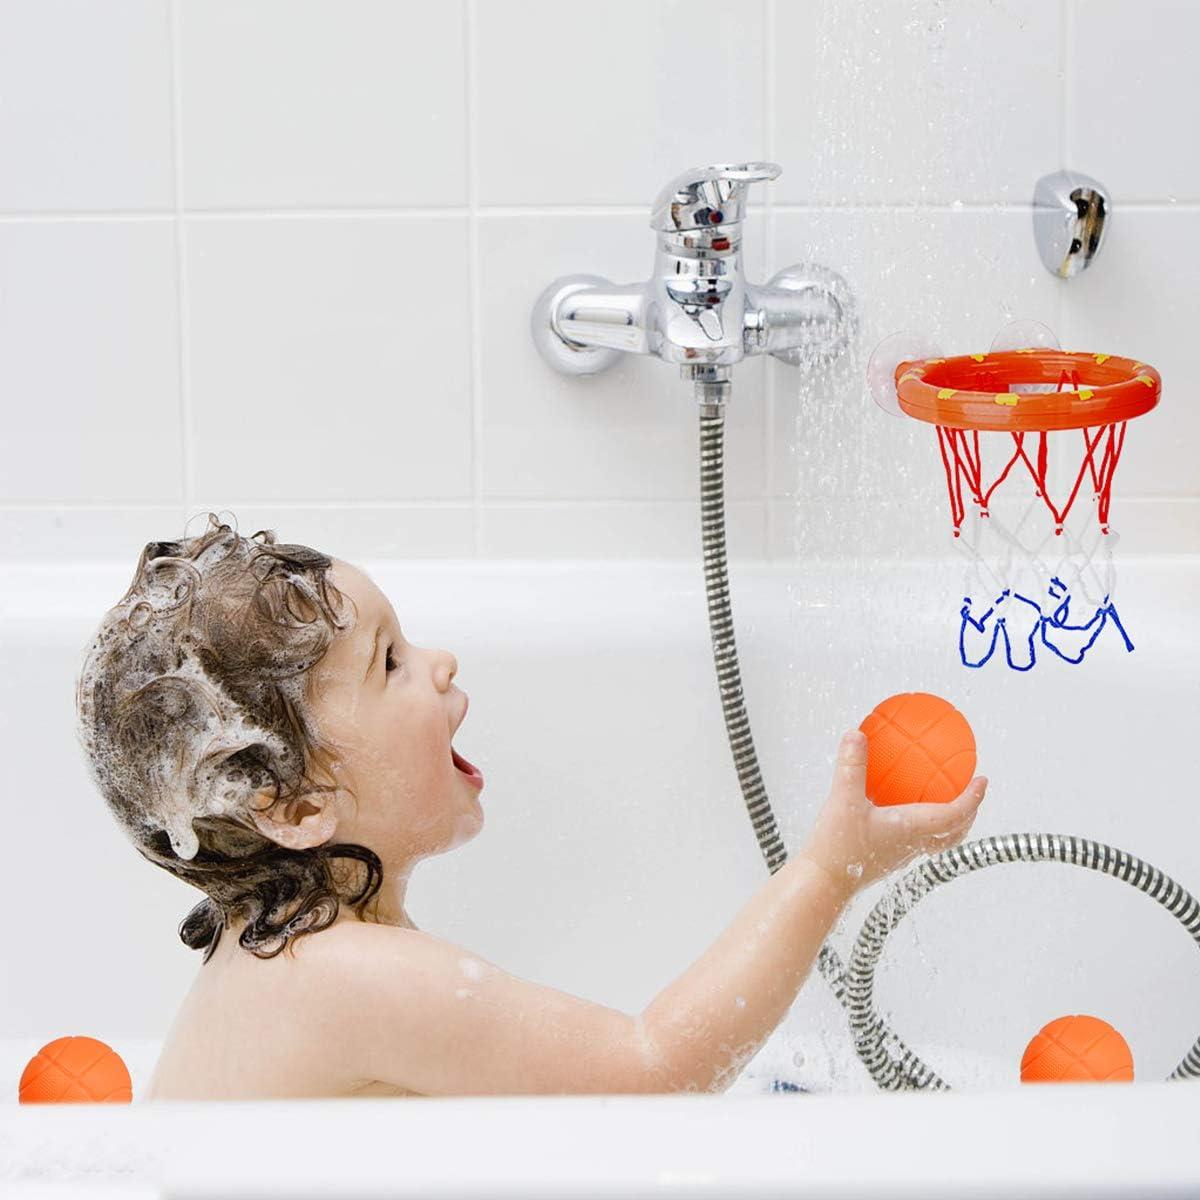 DEWEL Mini Cansasta Baloncesto Infantil,Jugute de Ba/ño para ni/ños,Tablero de Pared de Baloncesto Juego de Oficina y Casa,Incluyendo Inflador y 3 Pelotas